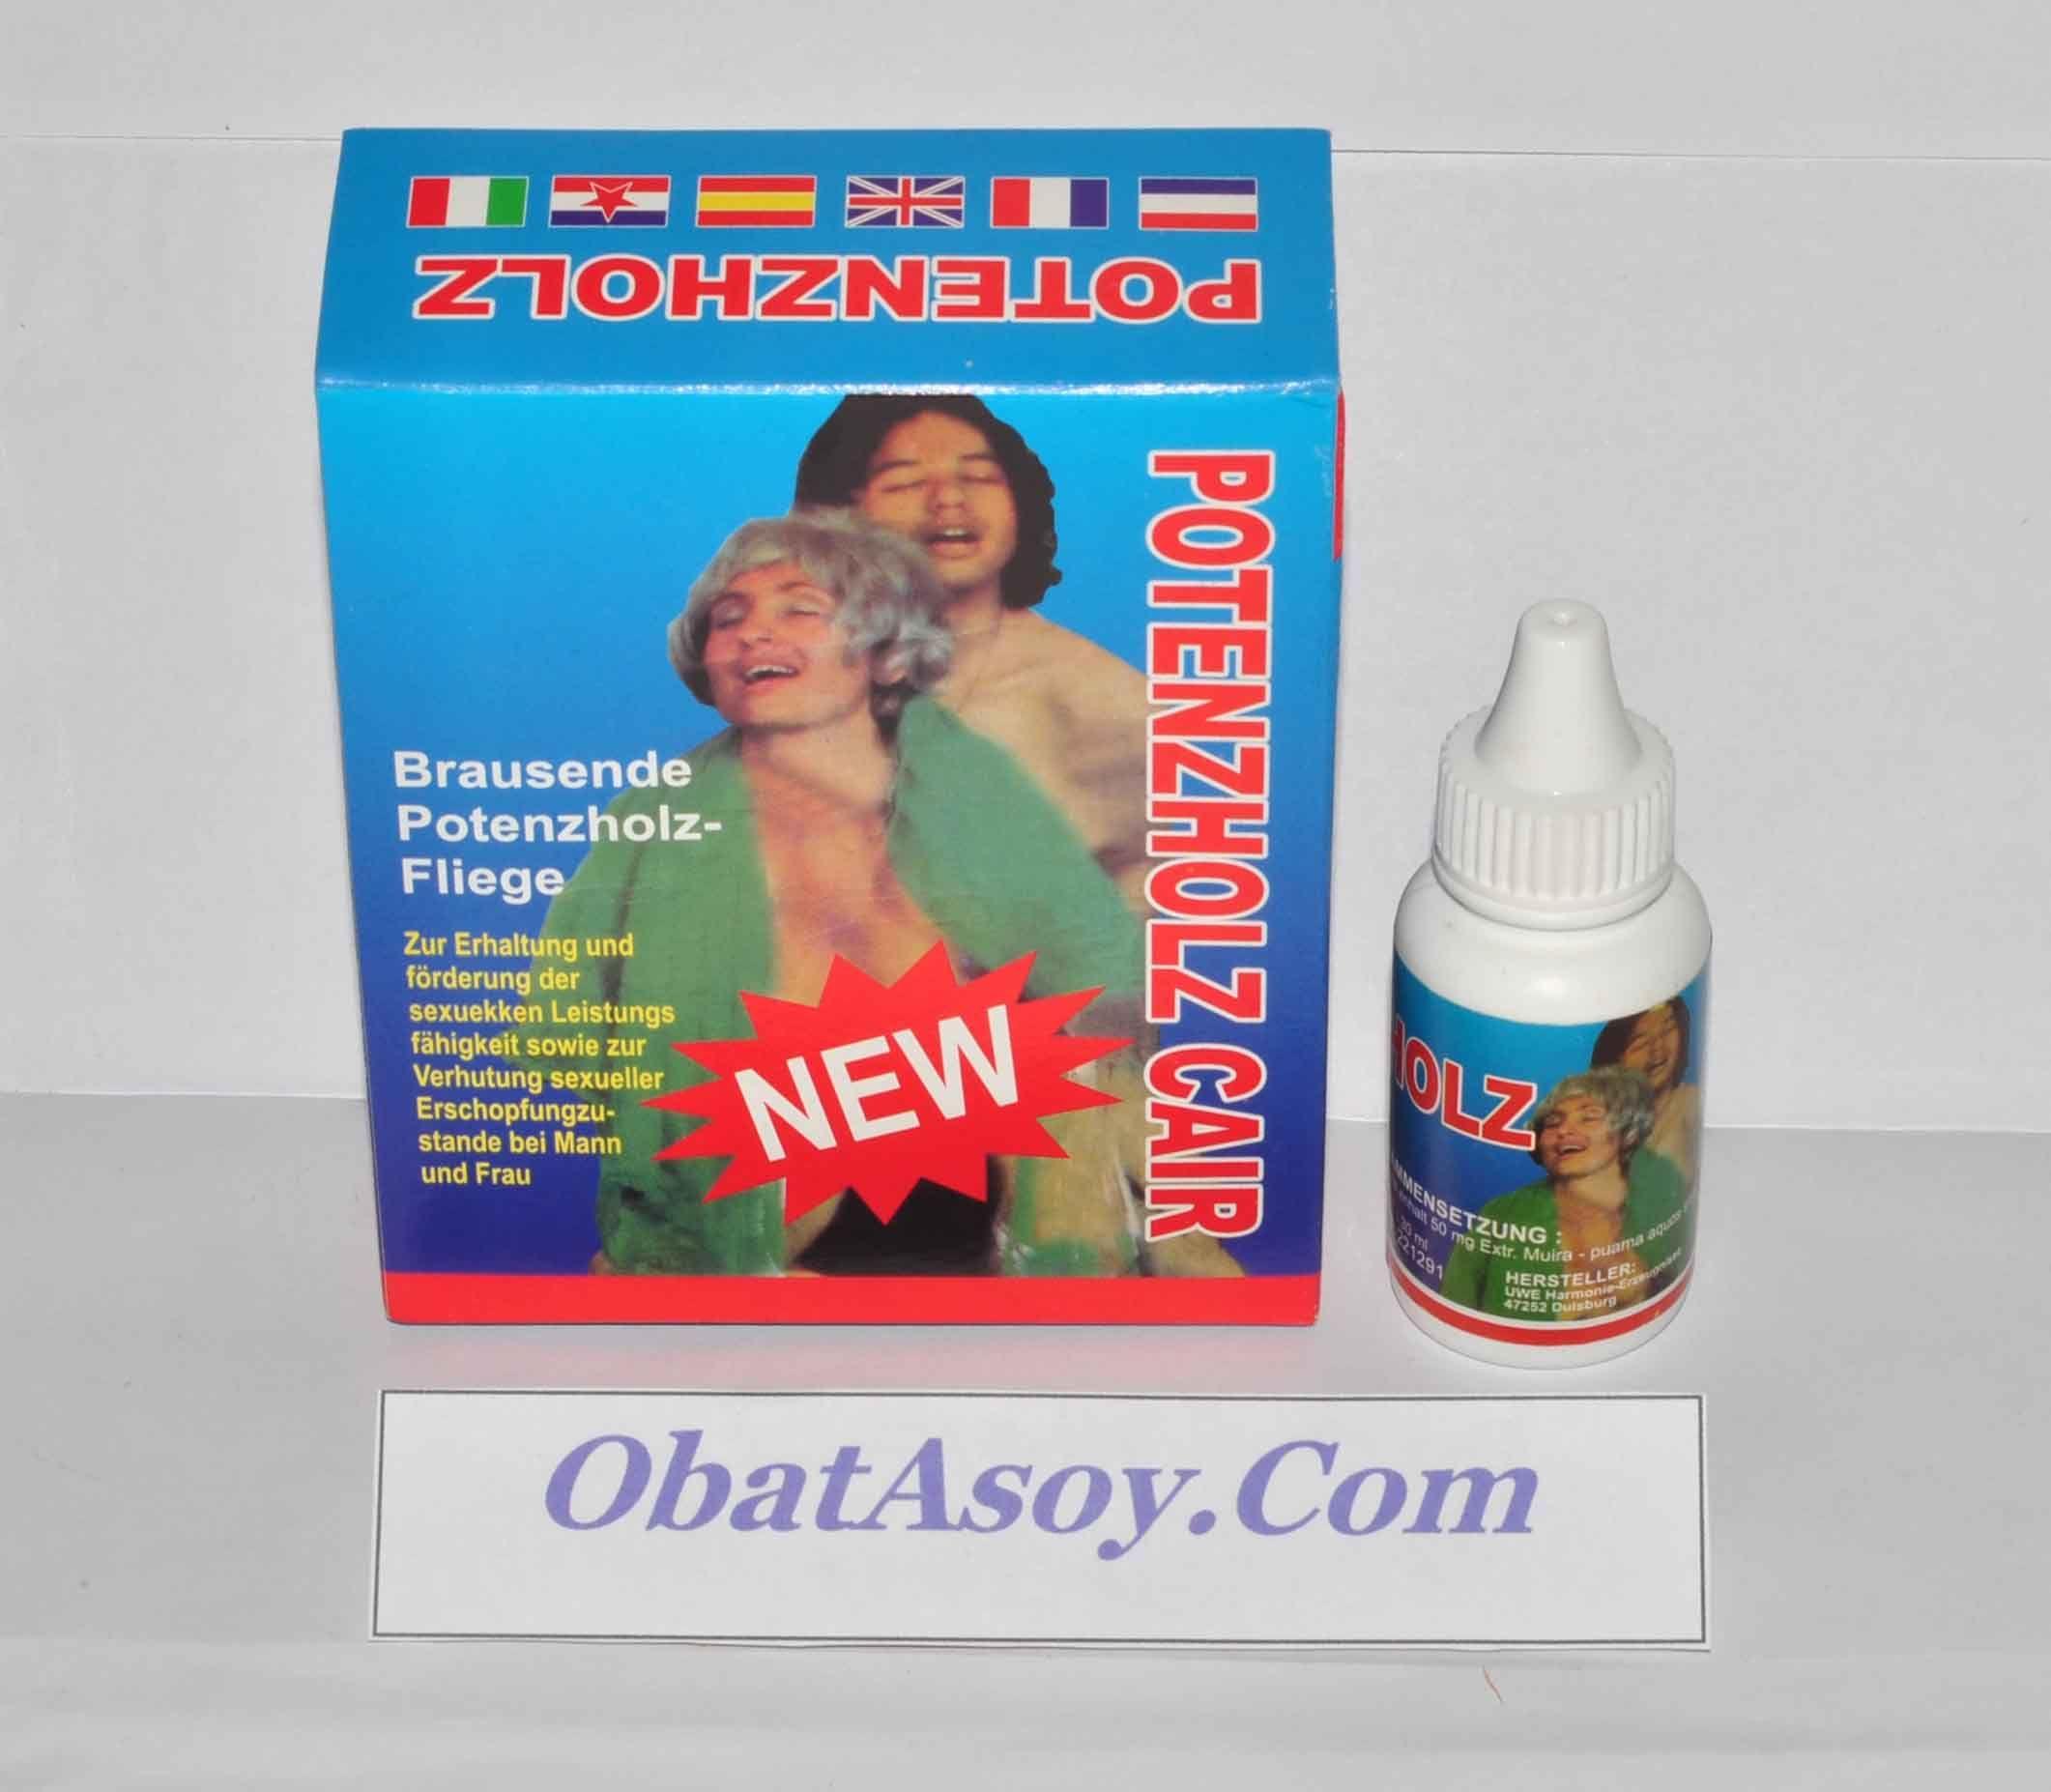 obat perangsang wanita potenzol cair merupakan obat perangsang